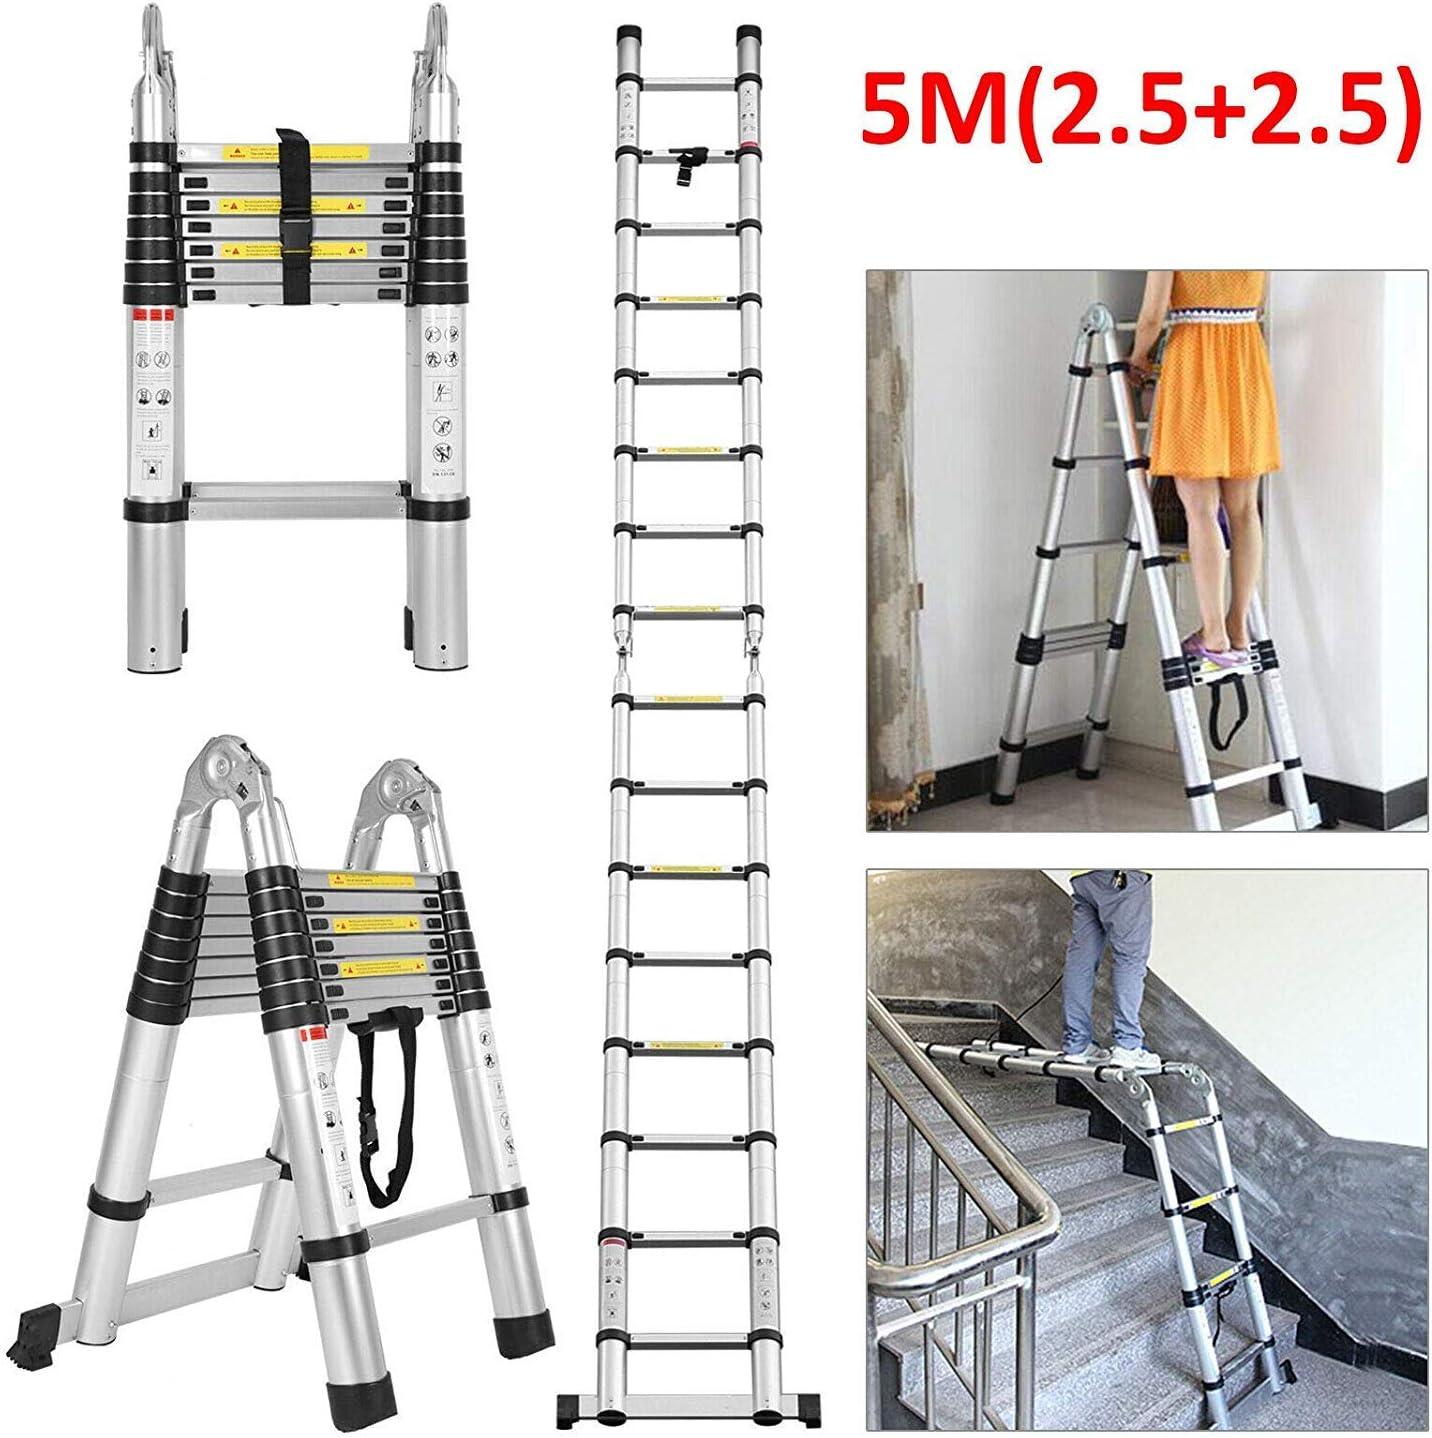 5M telescópica Escalera multiusos de aluminio plegable Escalera extensible Escalera Portátil for trabajo pesado de la carga máxima de 150 kg antideslizante de bloqueo de seguridad Un marco de la escal: Amazon.es: